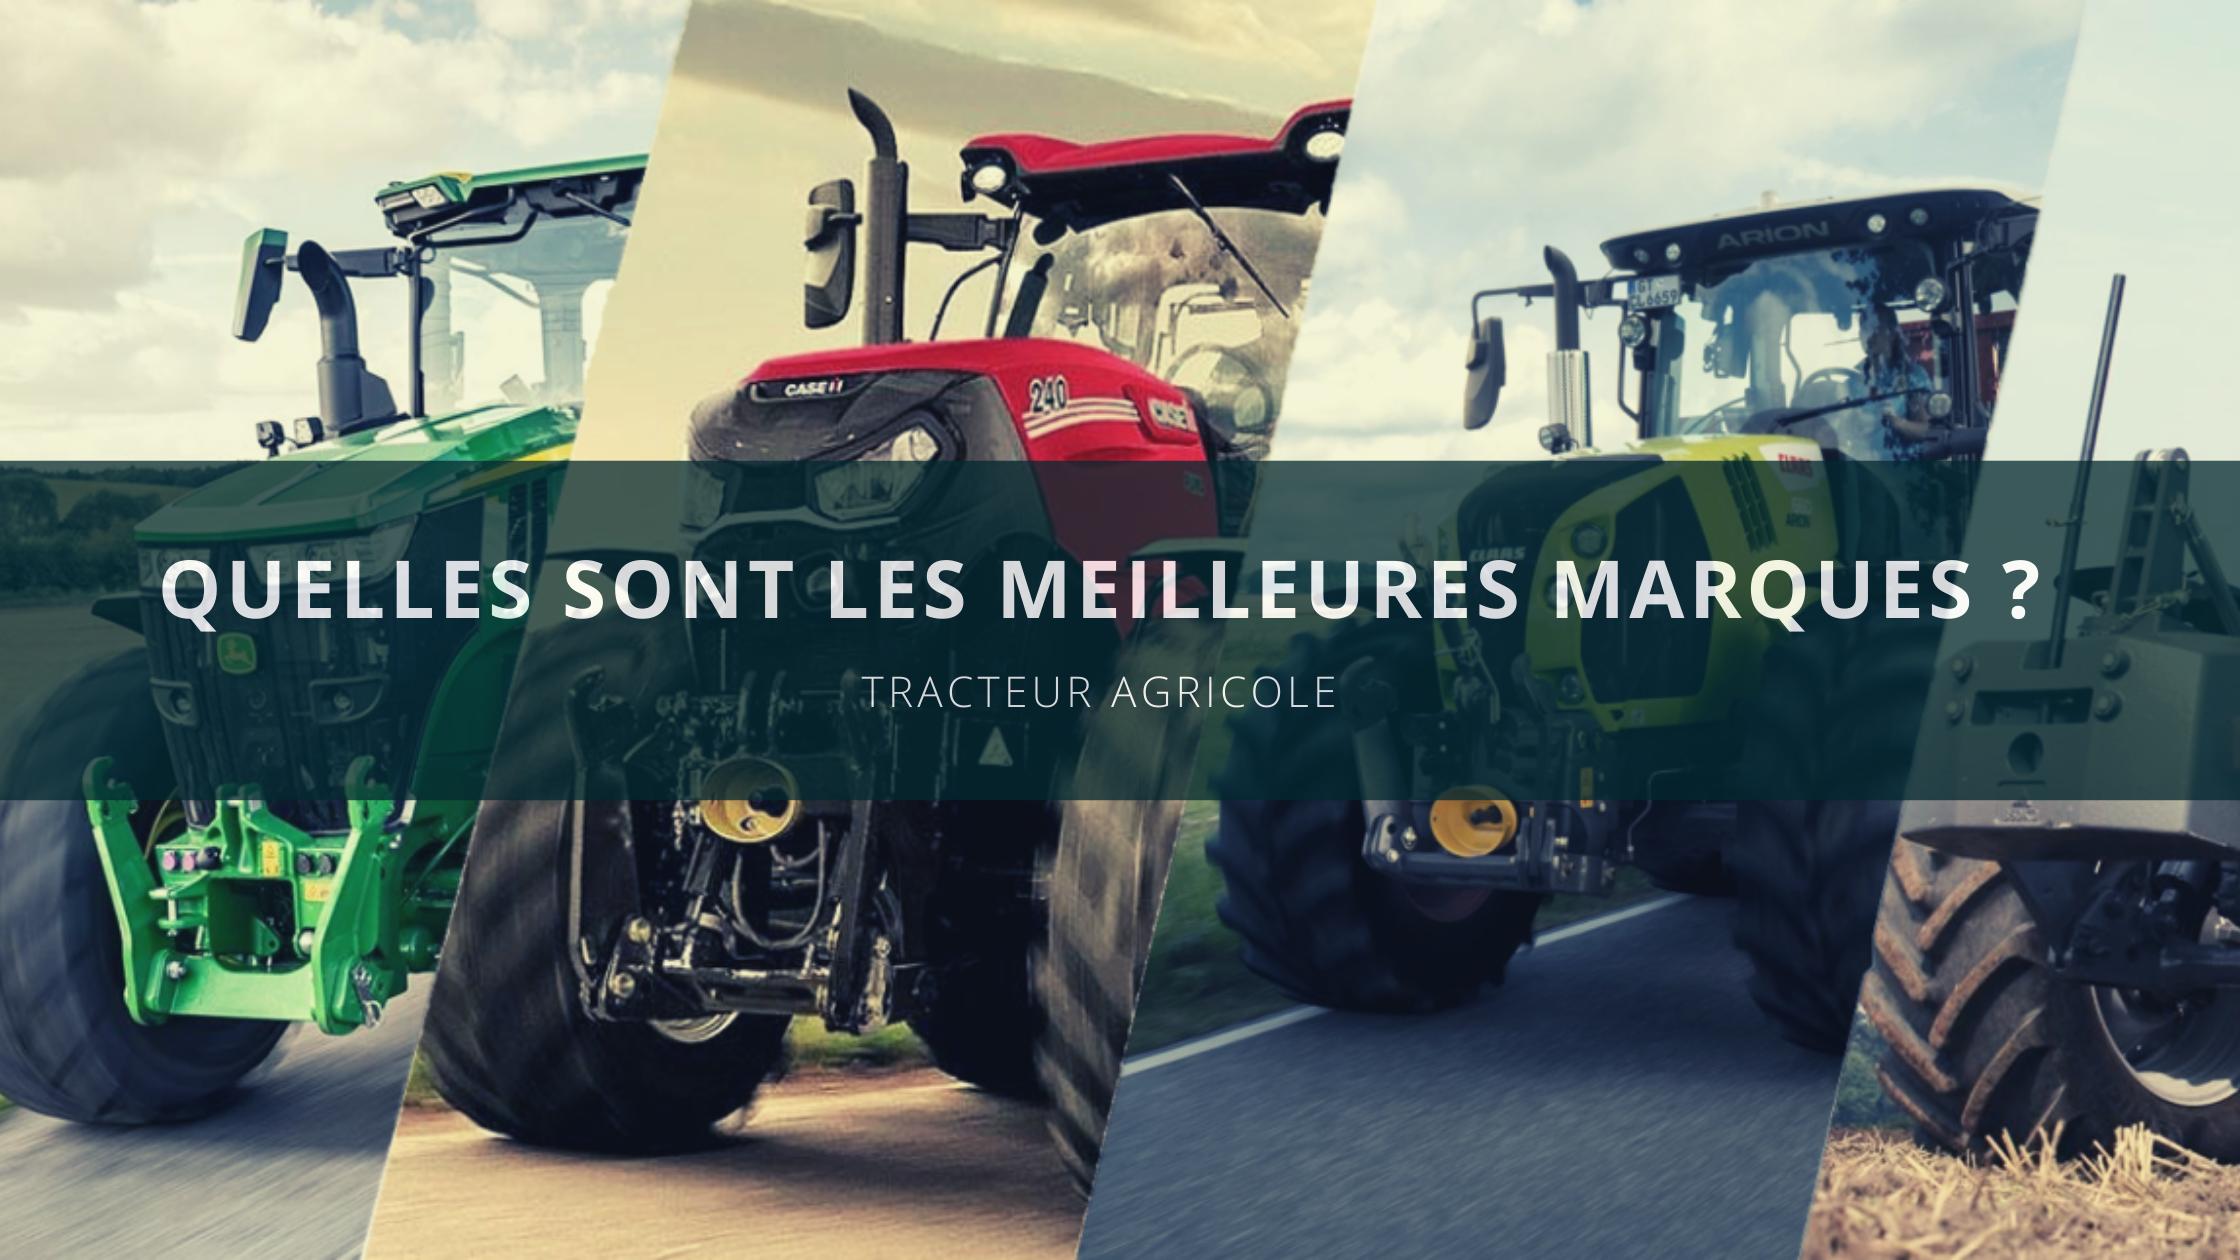 Les meilleures marques de tracteurs agricoles 🚜